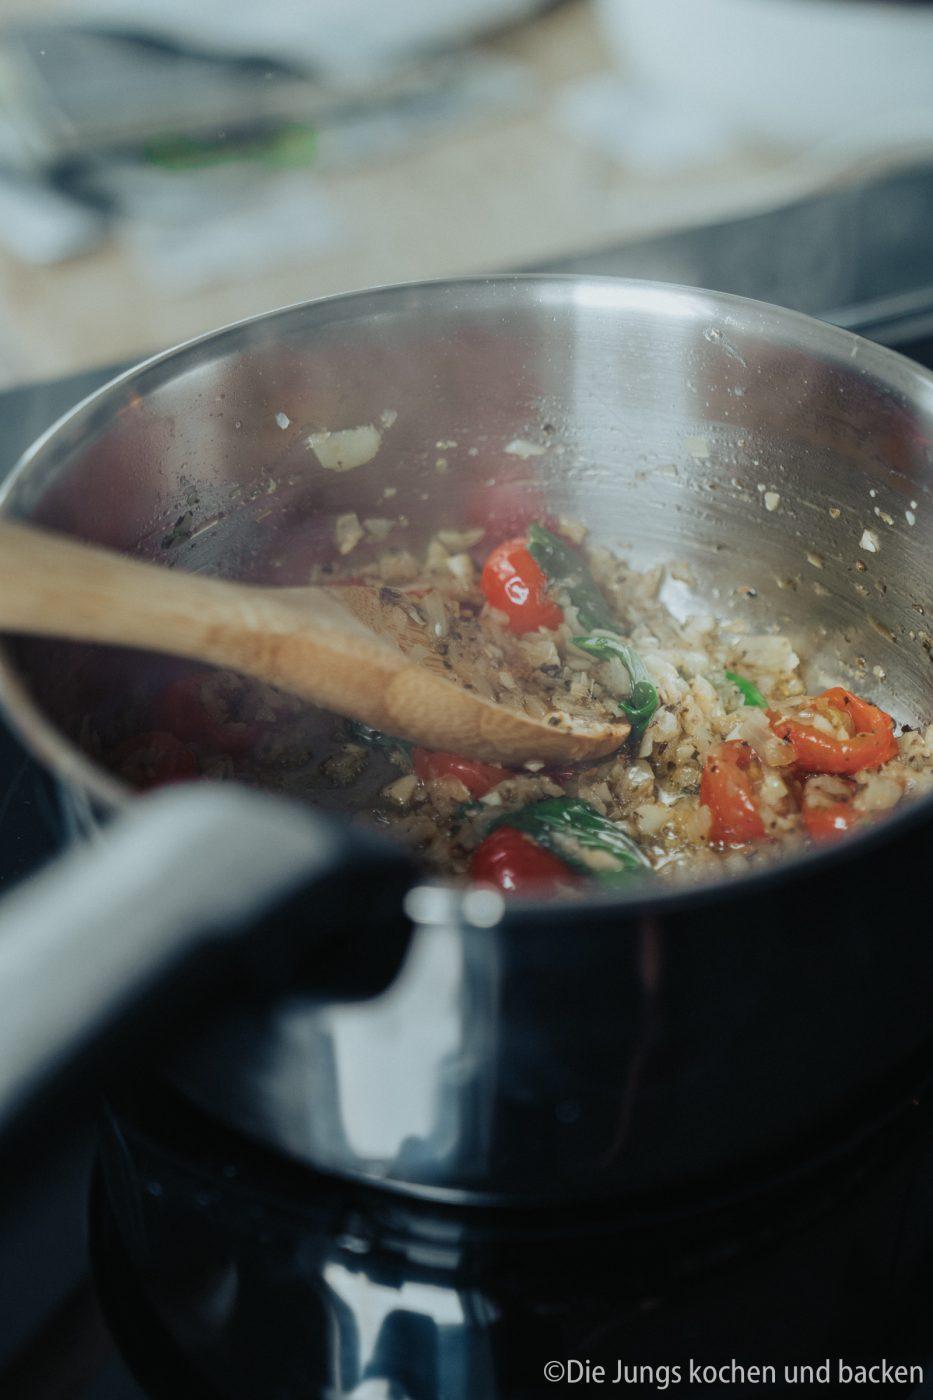 Tefal Schweinefilet italienisch 2 | Wir hatten schon ewig nichts Überbackenes mehr für euch hier und auch bei uns auf dem Tisch. Zu einem gemütlichen Spielenachmittag mit Freunden hatten wir aber richtig Lust auf ein leckeres Gericht, das mit Käse überbacken wird. Es sollte praktisch sein, gut vorzubereiten und nicht so ganz aufwändig. All das sind unsere überbackenen Schweinemedaillons mit Aubergine. Ein guter Grund dafür - es kommt in eine Pfanne, die Pfanne in den Ofen und dann auch auf den Tisch! Was ist das also für eine neue Pfanne??